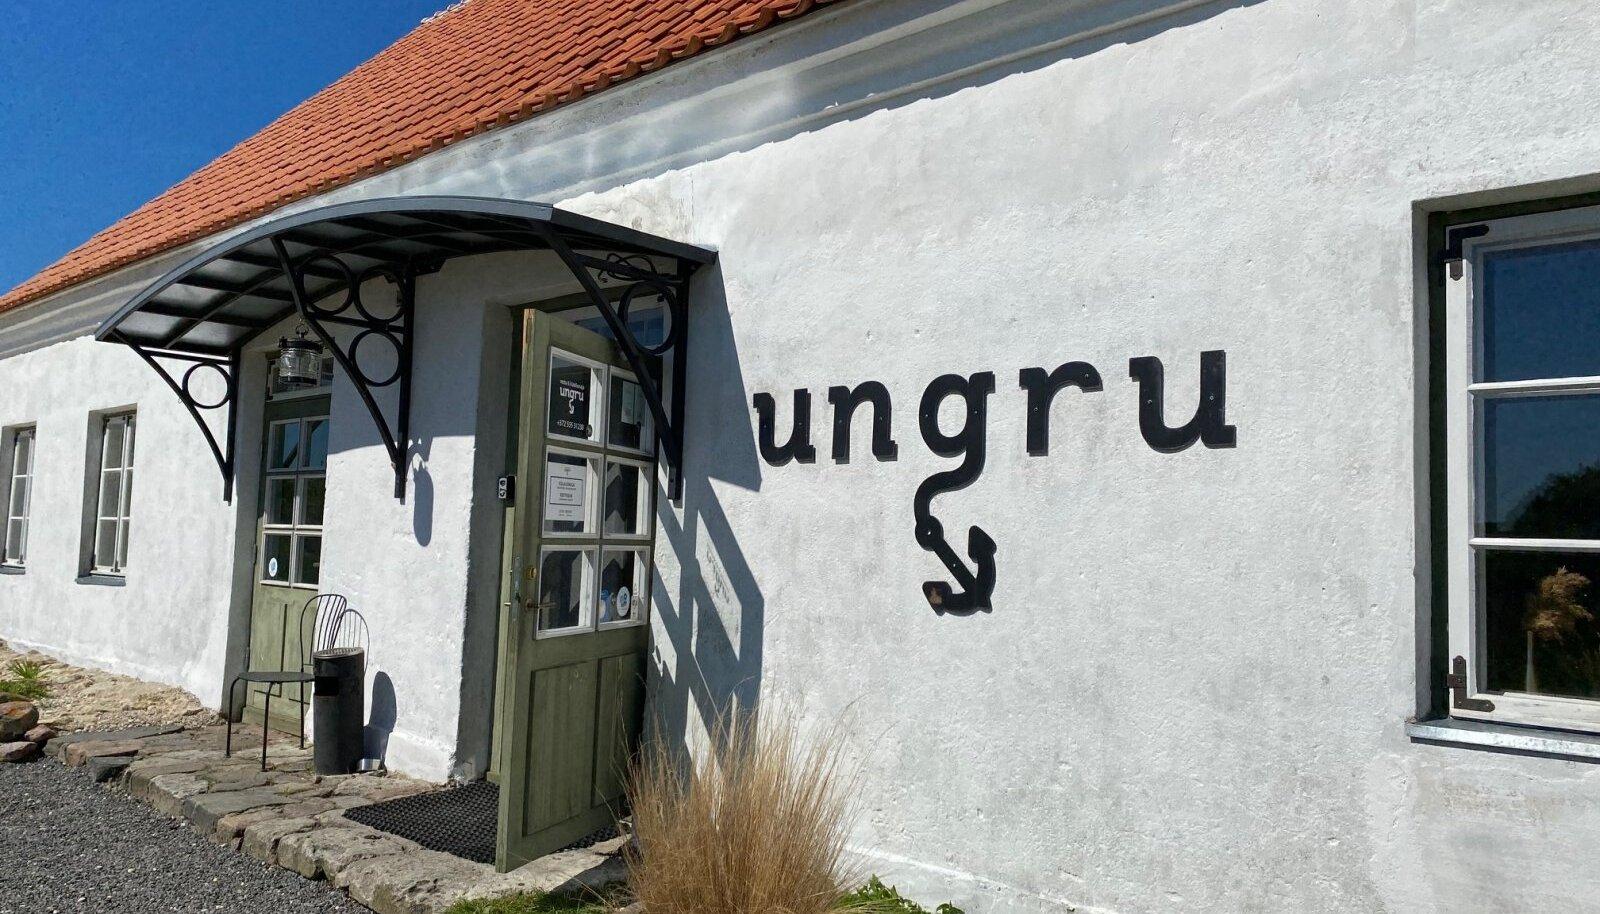 Ungru restorani võib julgelt soovitada: asukoht, õhkkond ja toit teevad sellest võrratu söögikoha.